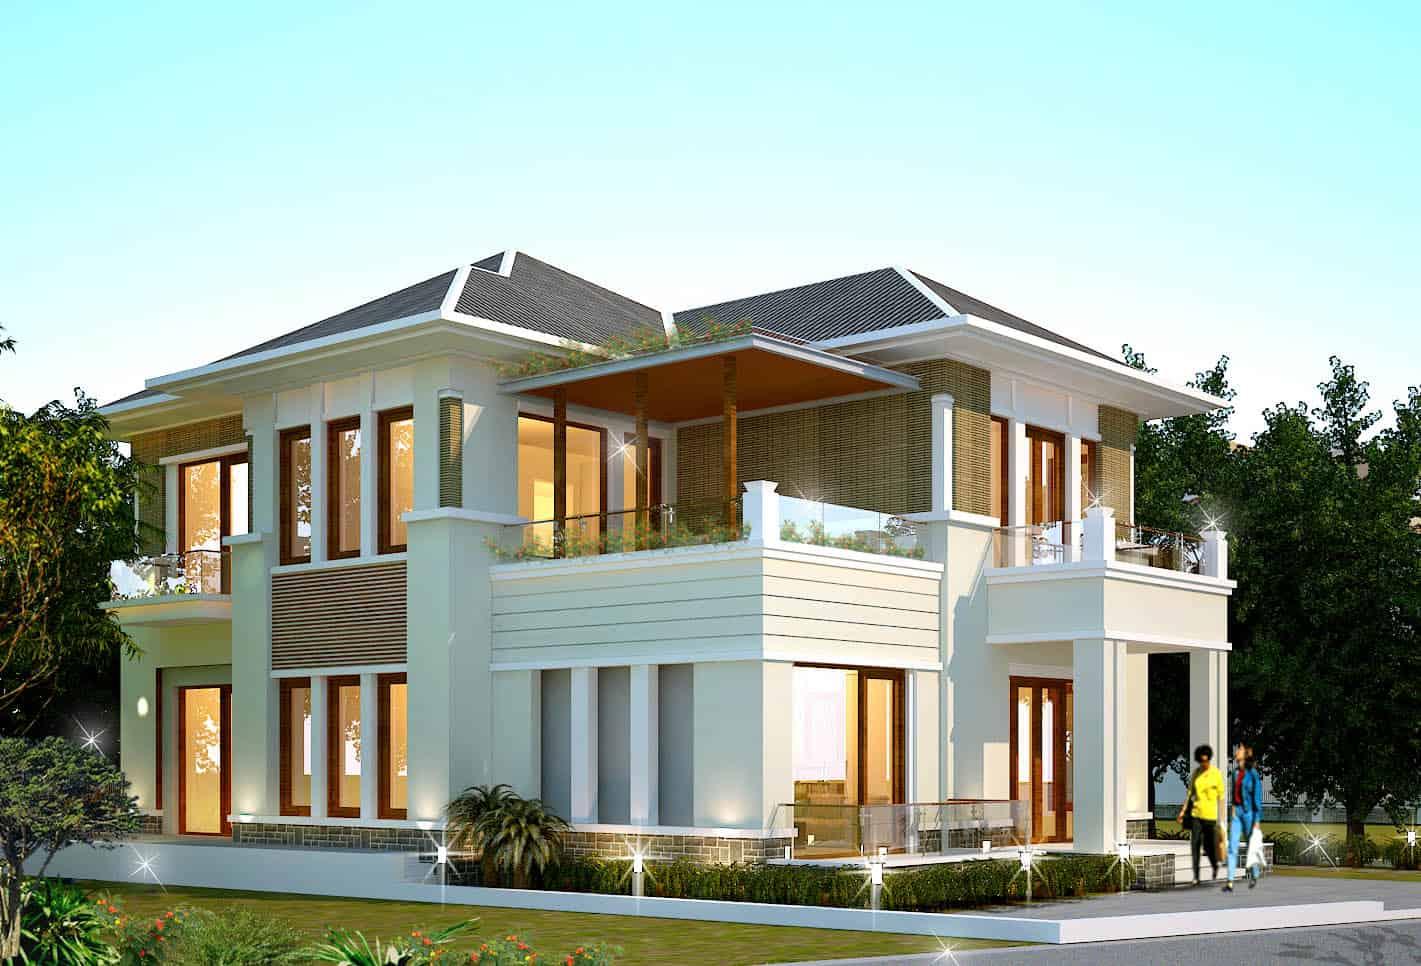 Thiết kế biệt thự đơn lập với không gian mở, tầm nhìn đẹp ra vườn